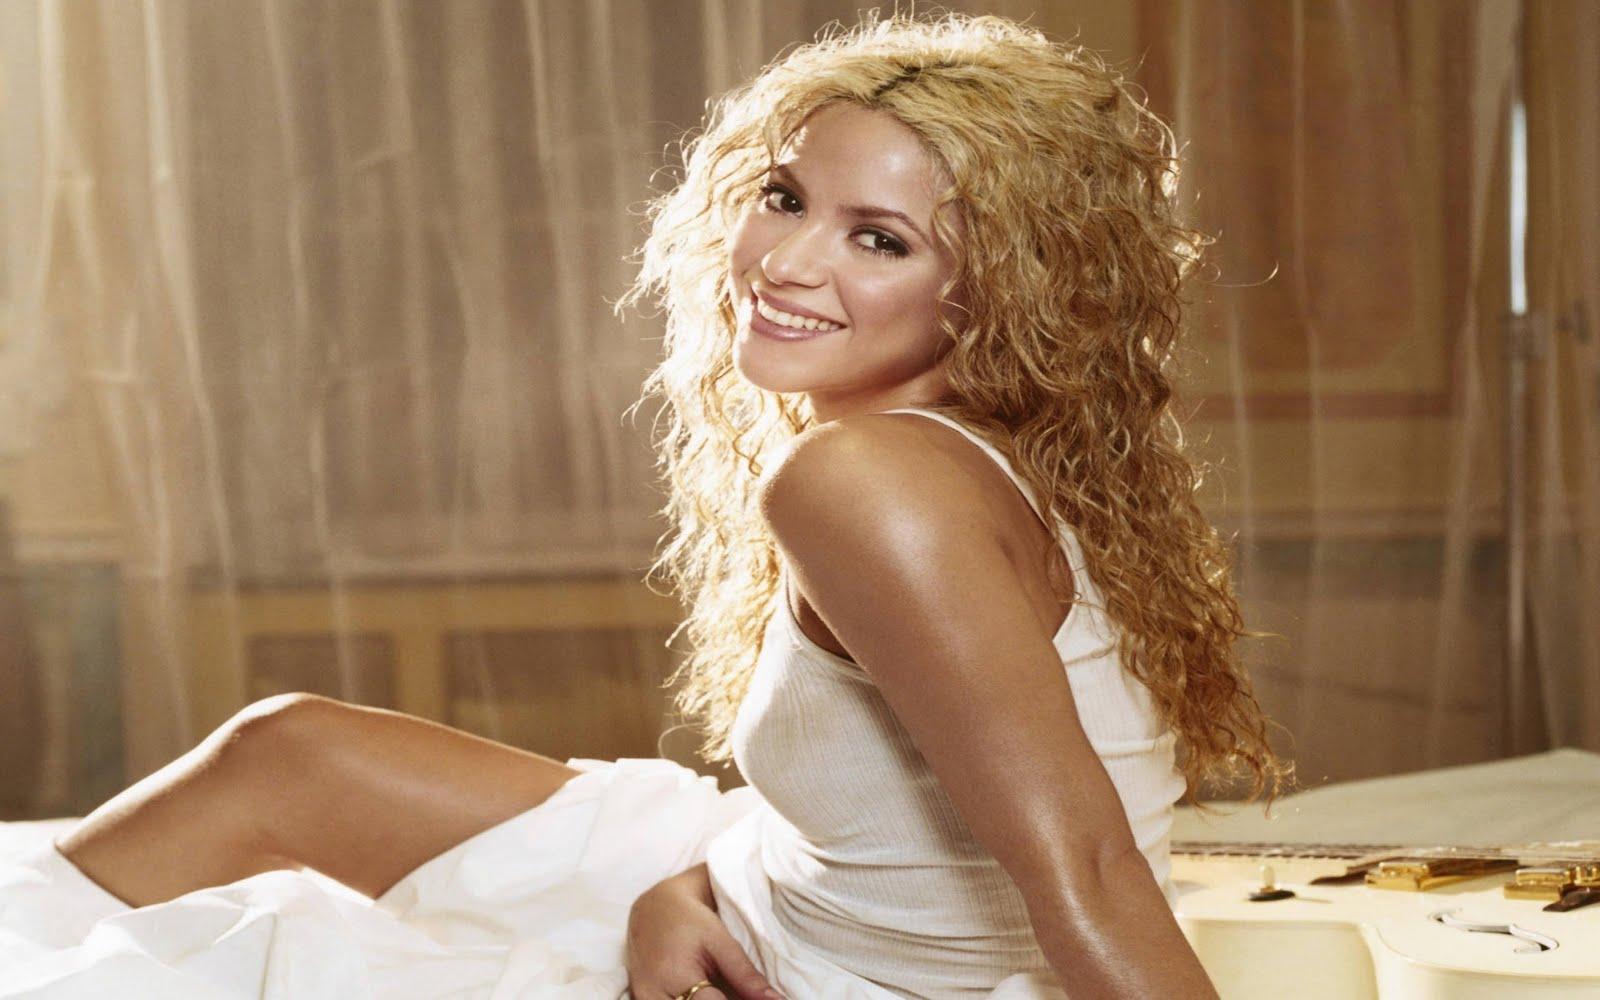 http://3.bp.blogspot.com/-ES3Fn8drOB0/TnGjwbbF2MI/AAAAAAAAHR0/w4HaSWhtBpI/s1600/Shakira_Smile_HD_Wallpaper.jpg